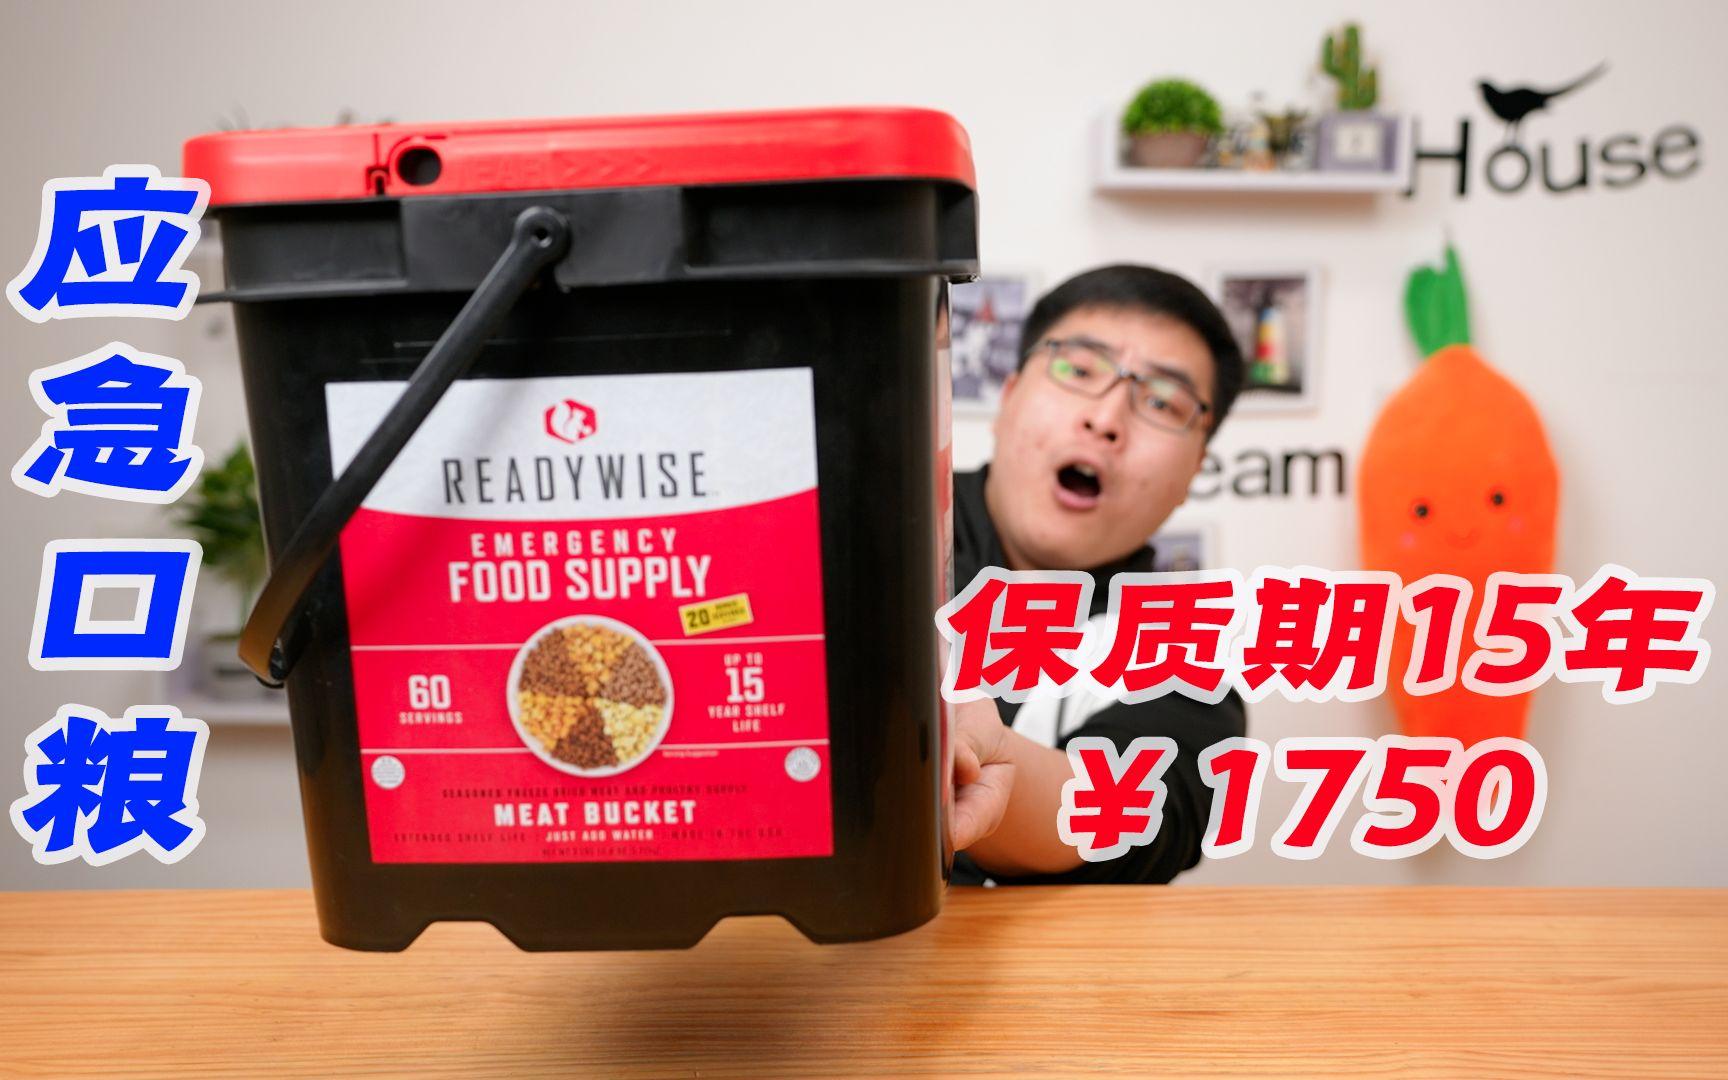 试吃1750元一桶的应急食品套餐, 保质期长达15年! 竟还不如泡面?